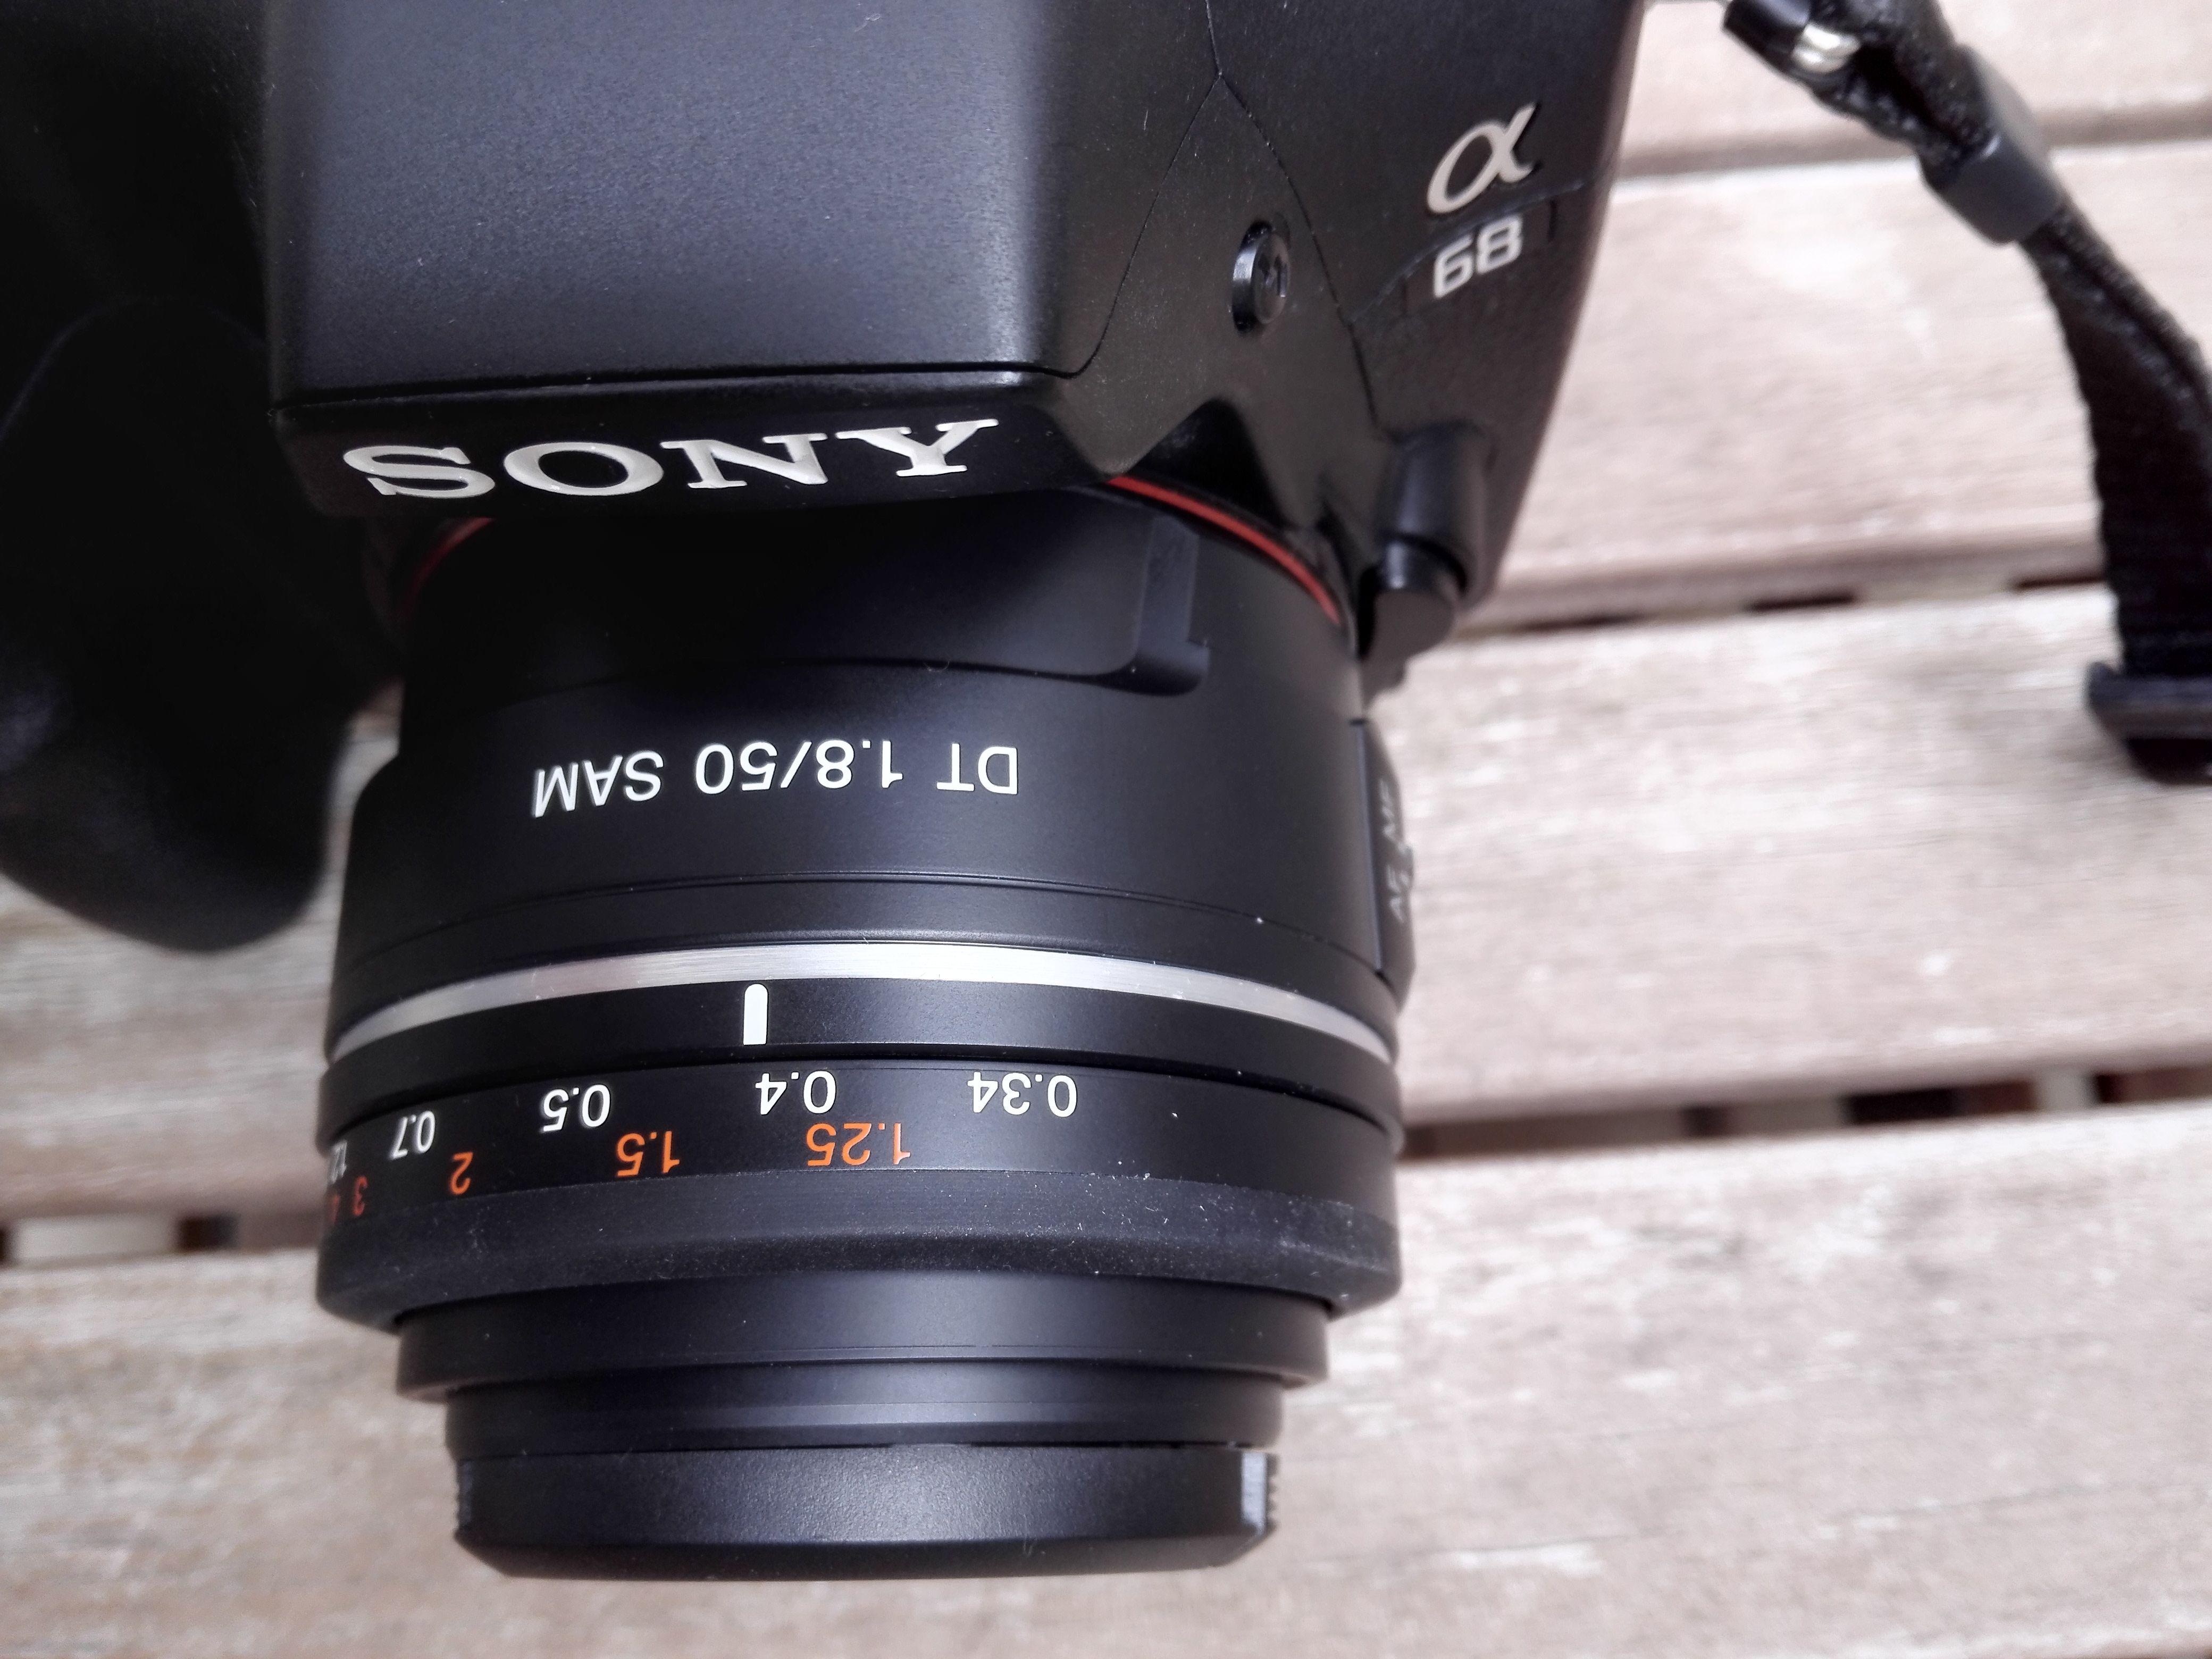 48a790f1579d My new 50mm 1.8 lens